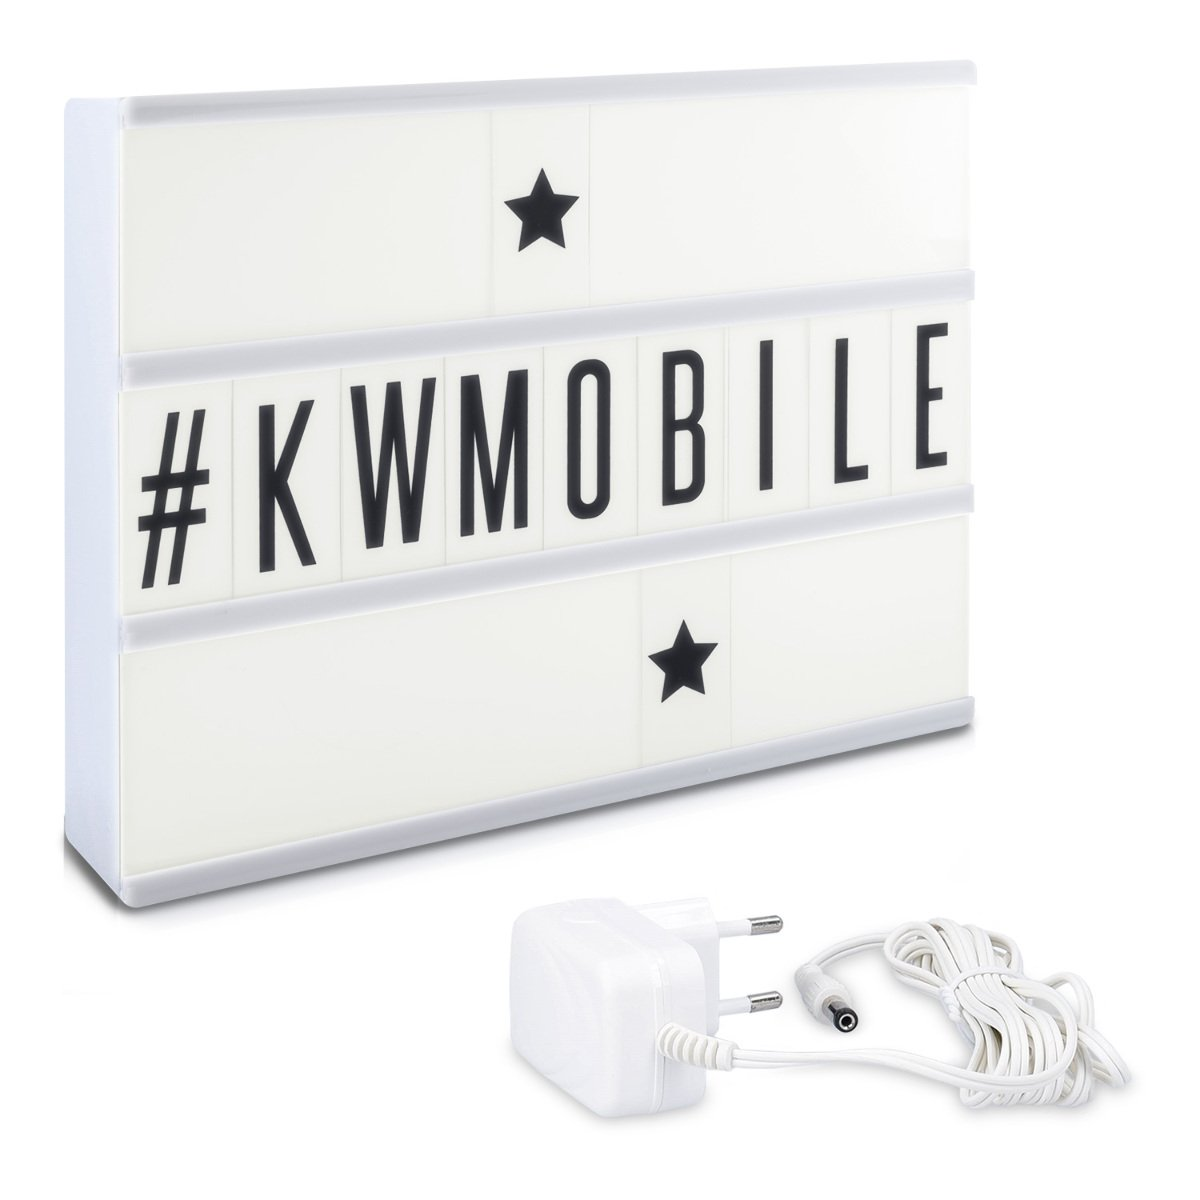 USB Netzteil Kino Leuchtkasten Vintage Lampe 378 Buchstaben Zahlen schwarz bunt Emoji kwmobile LED Lichtbox A4 Lightbox Deko Leuchte Light Box